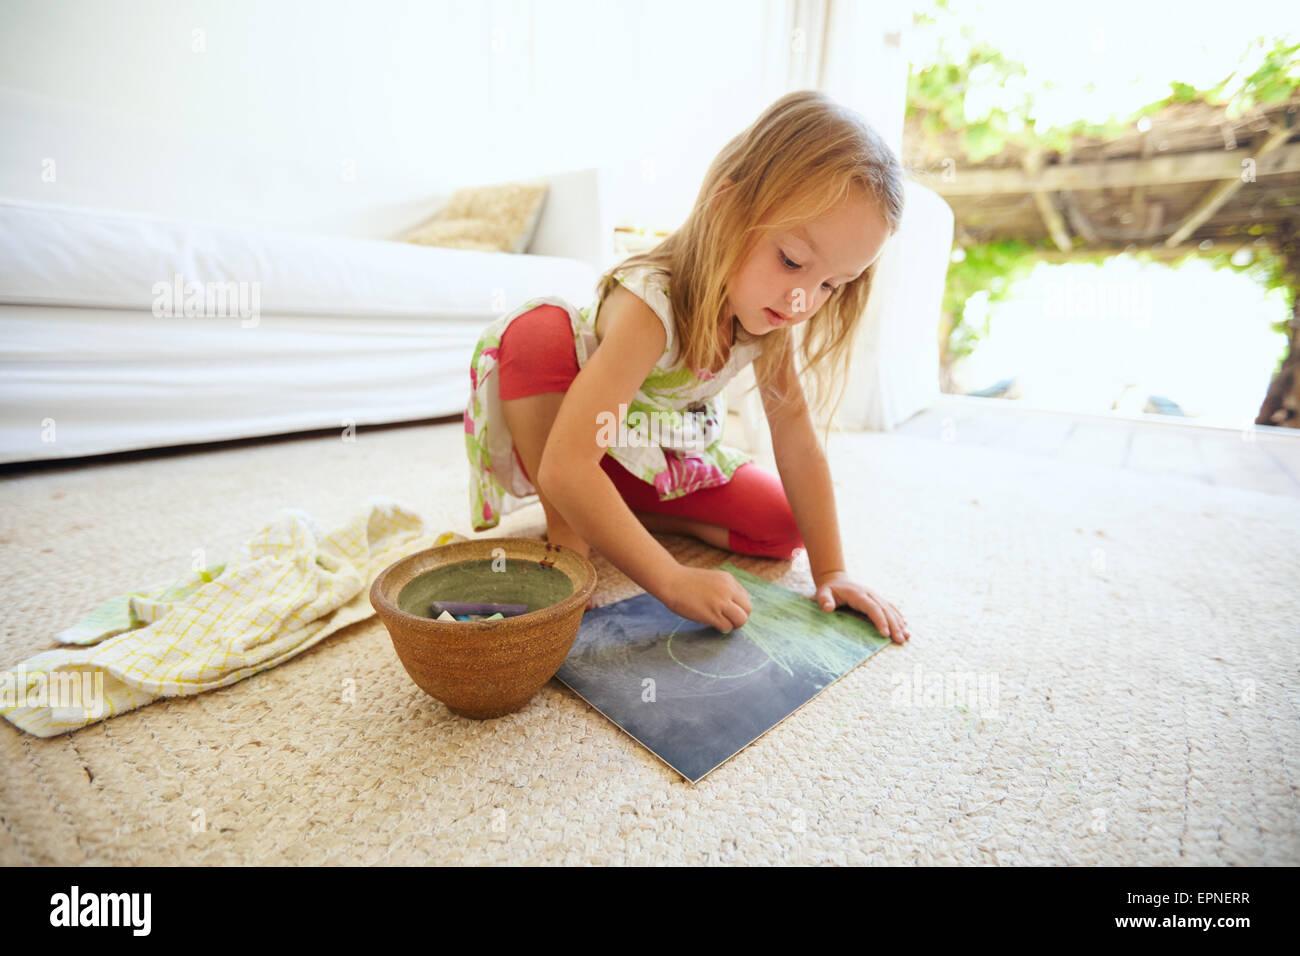 Foto de Cáucaso poco inocente chica sentada en el suelo colorear una foto con tizas de colores. Dibujo de alumna Imagen De Stock